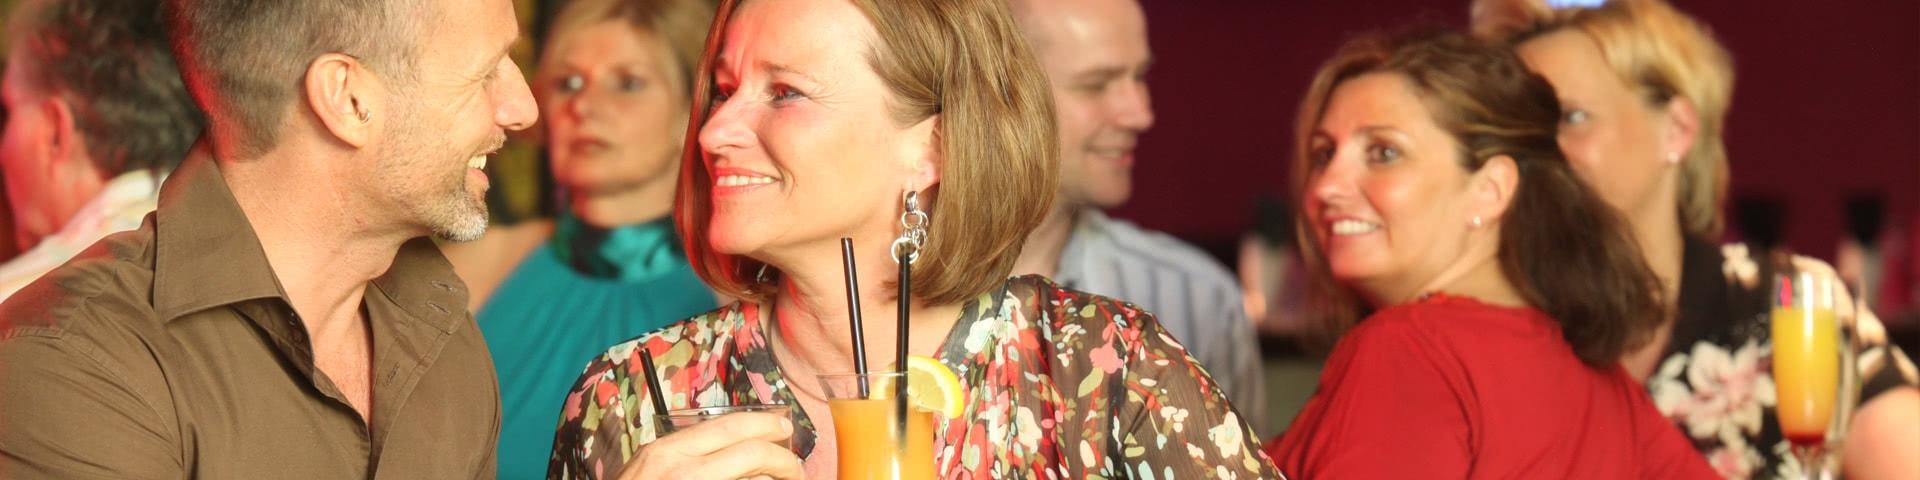 Gemeinsam Cocktails trinken in Soltau